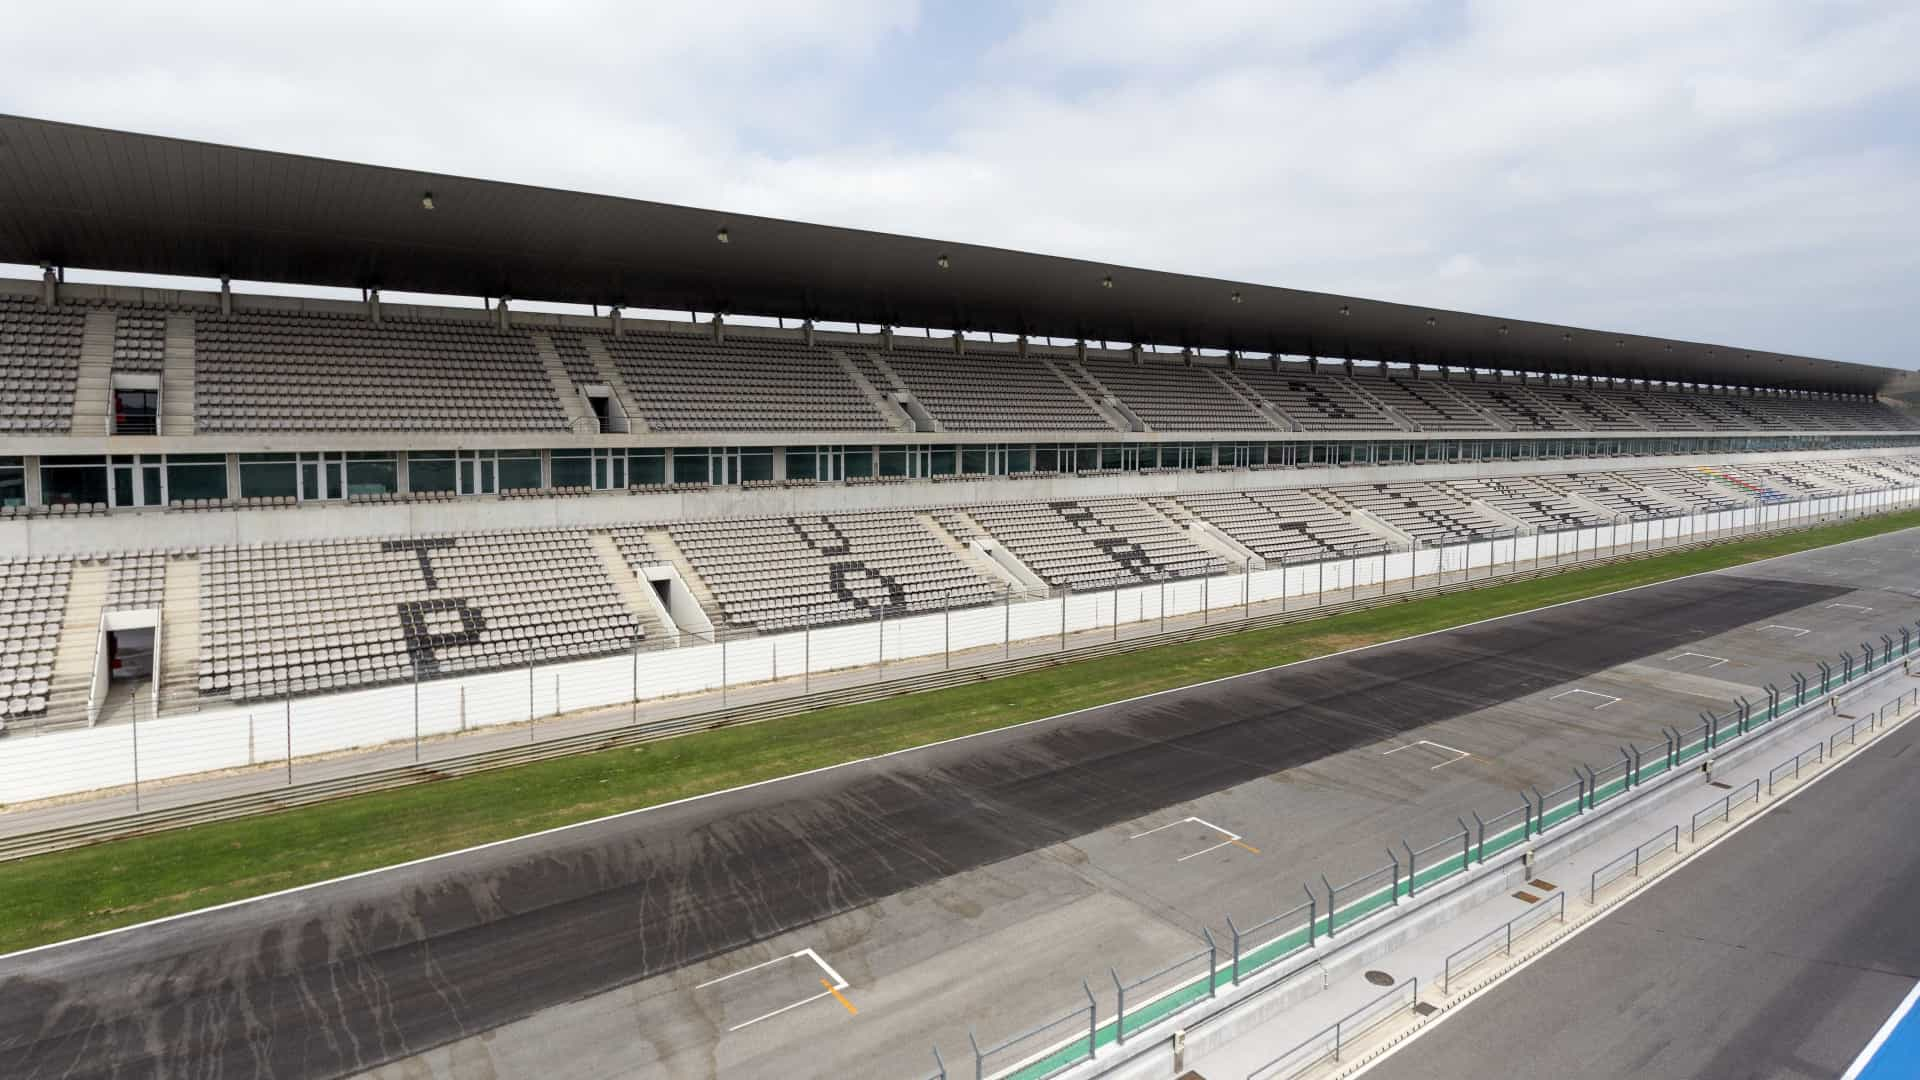 Circuito Algarve : Notícias ao minuto circuito do algarve recebe homologação mas